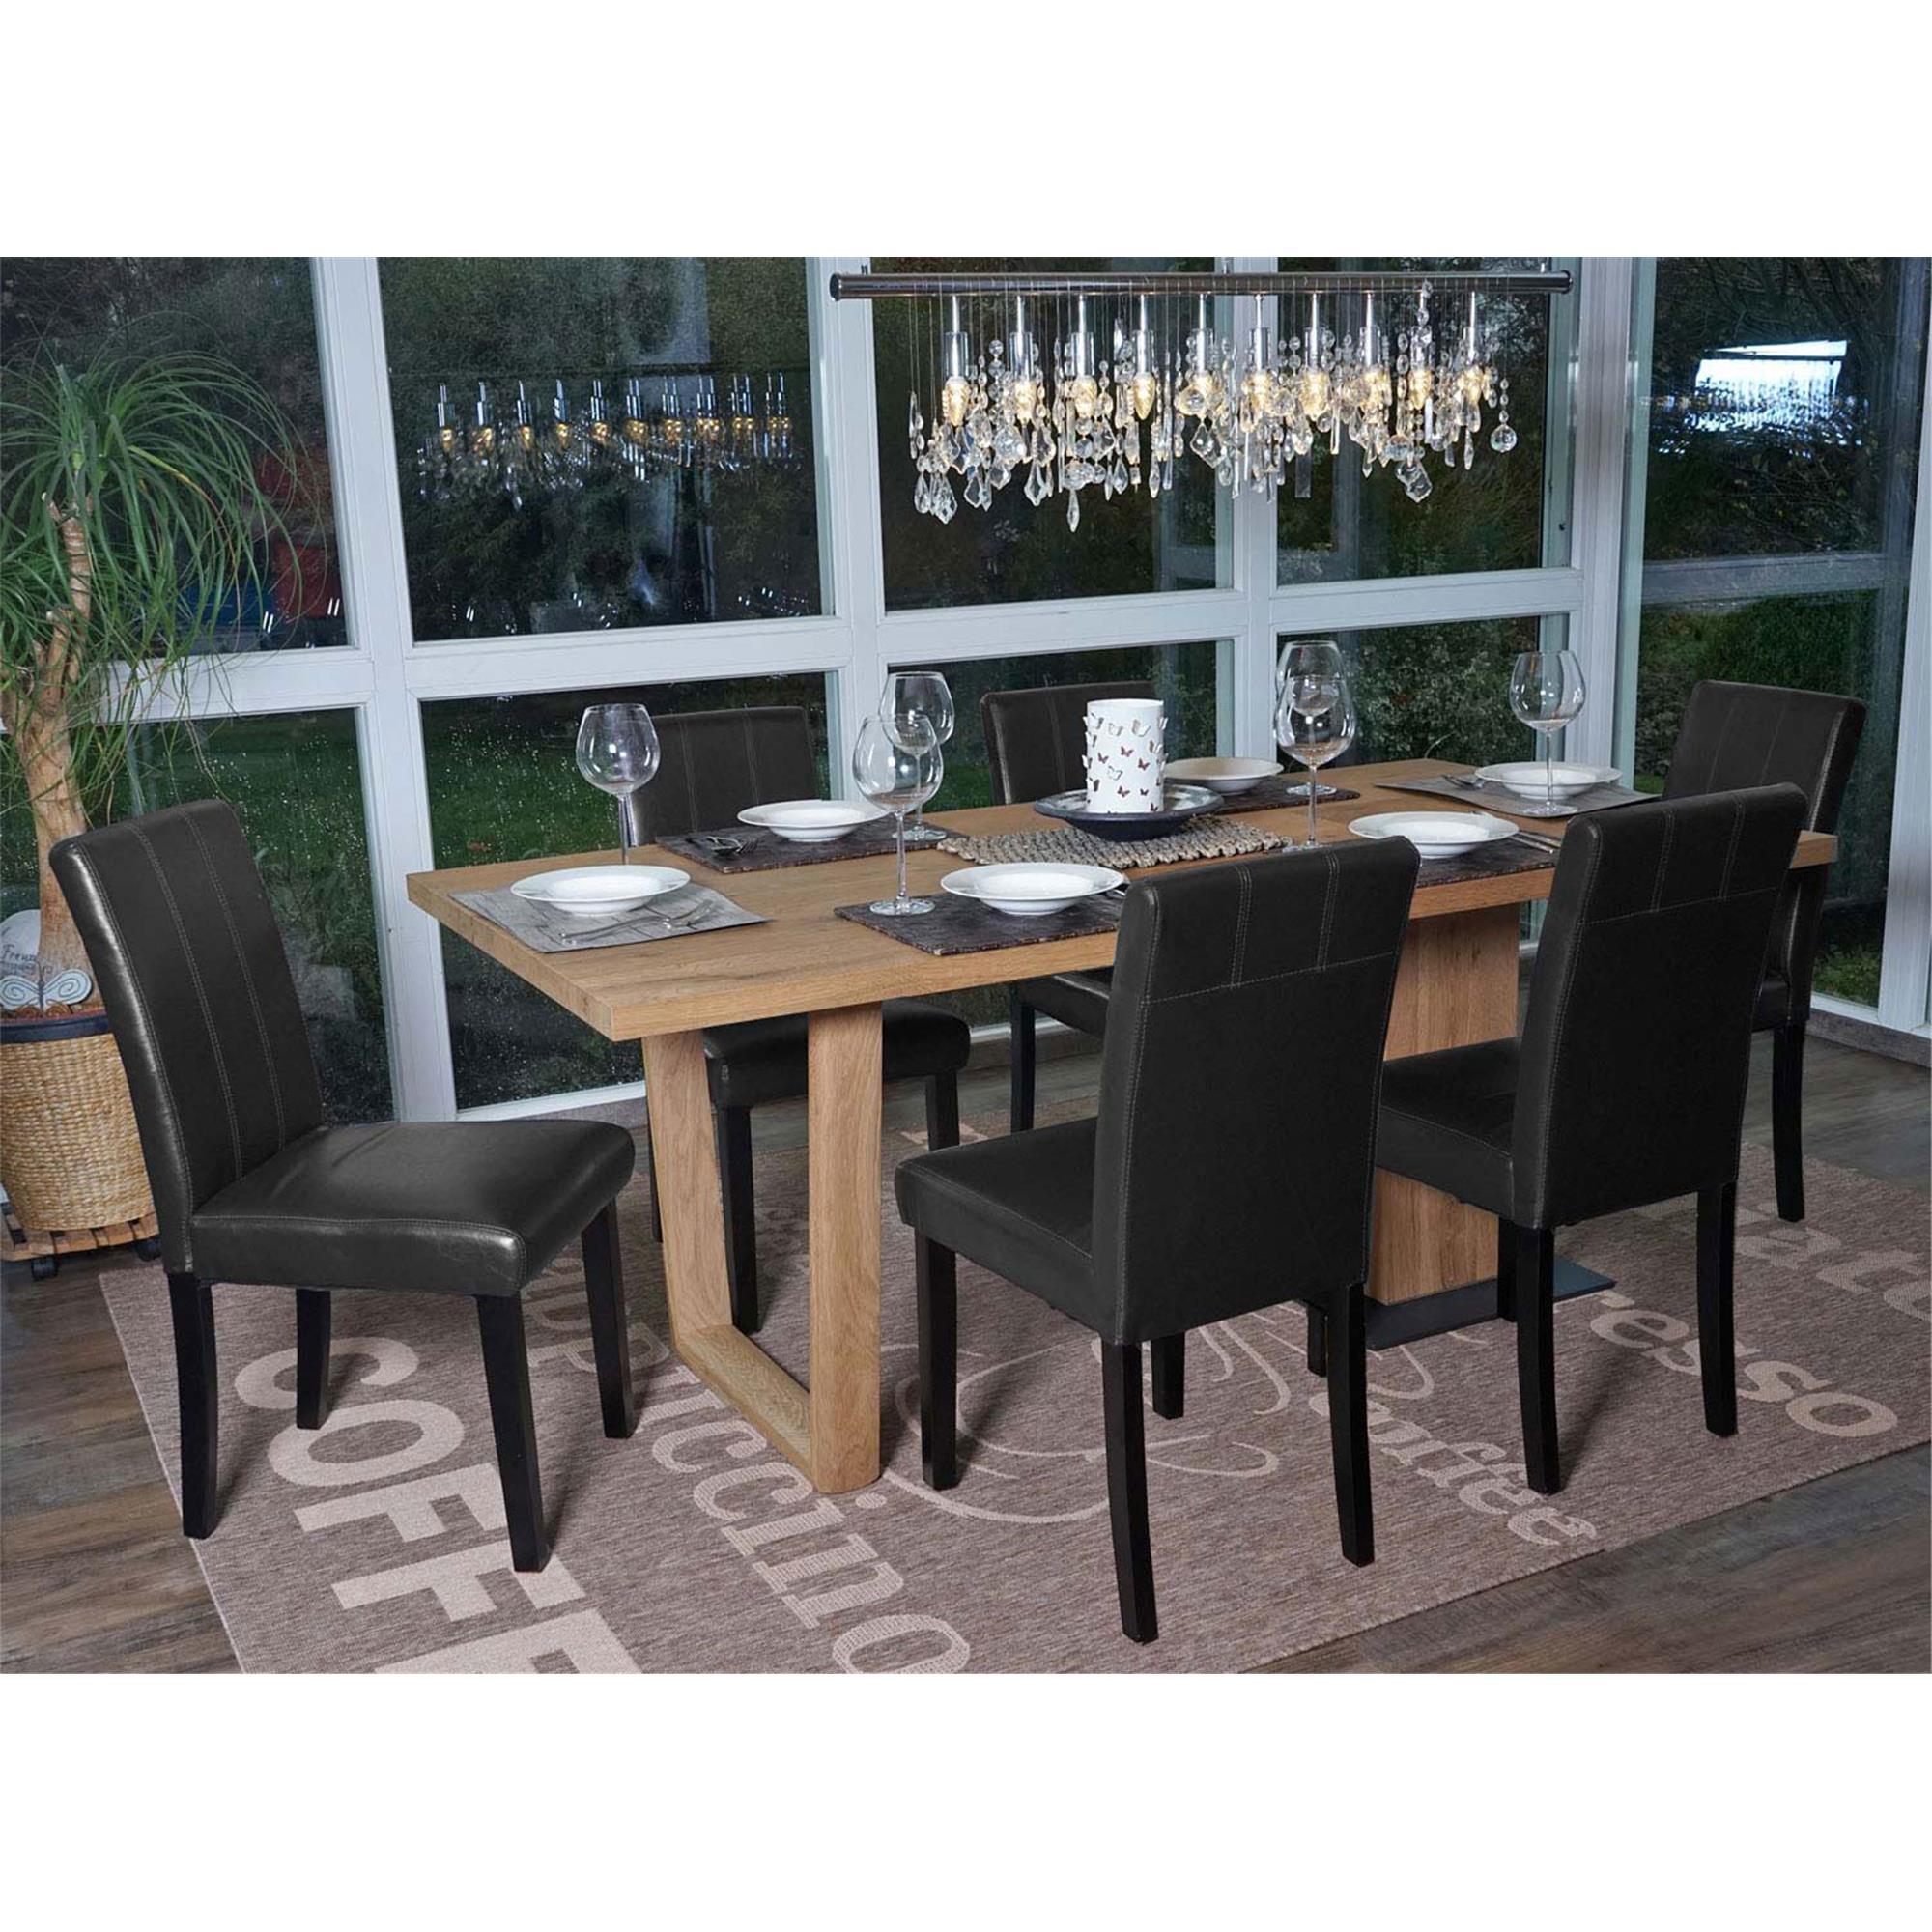 Lote 6 sillas comedor toper en piel negra con costuras for Sillas de comedor elegantes